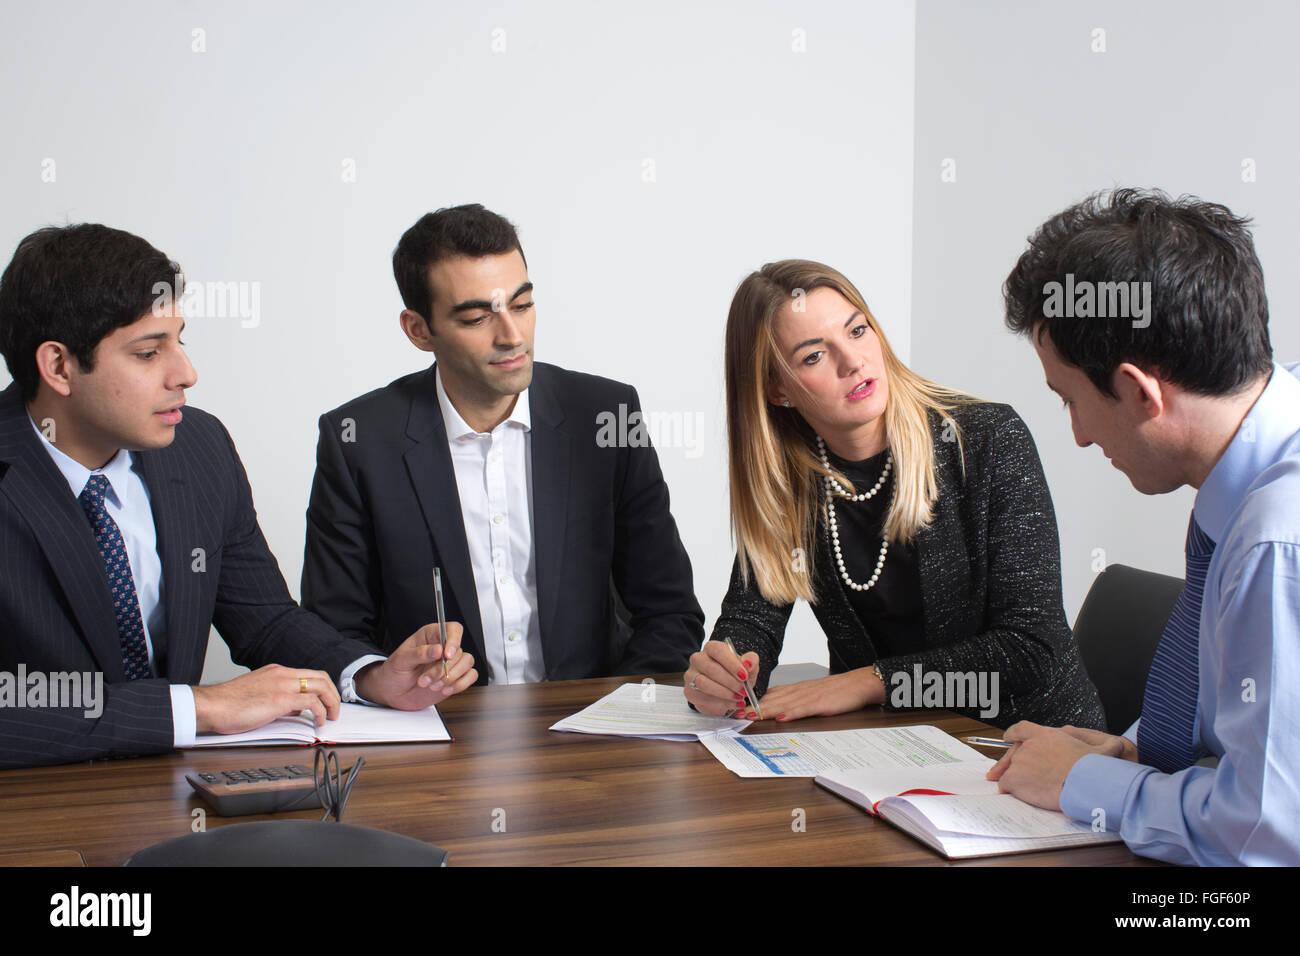 Assunzione business meeting, London, England, Regno Unito Immagini Stock